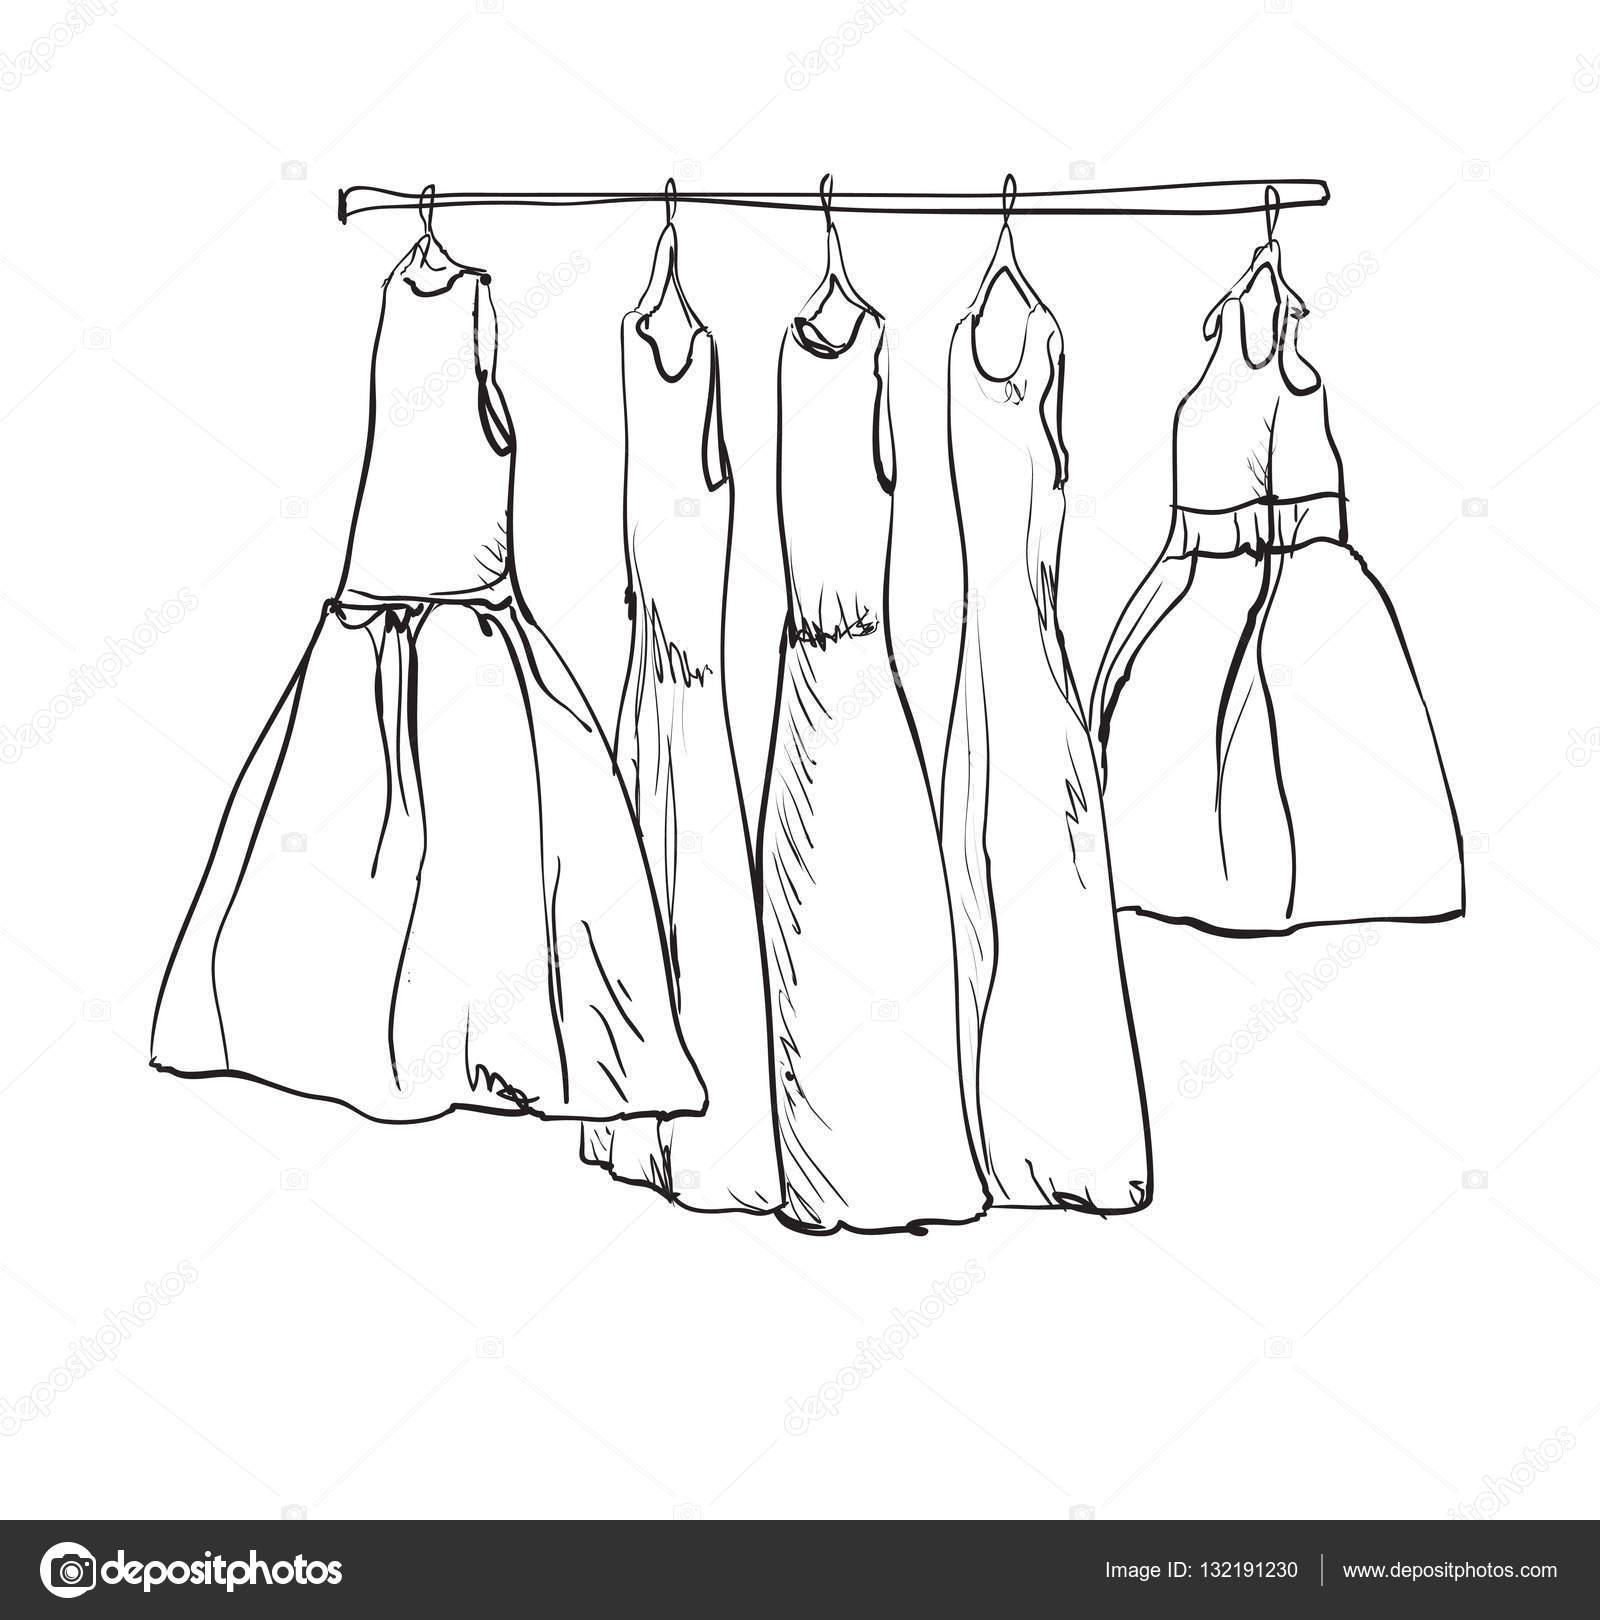 Schrank Gezeichnet Gezeichnete Kleiderschrank Fur Kinder Kleid Stockvektor 132191230